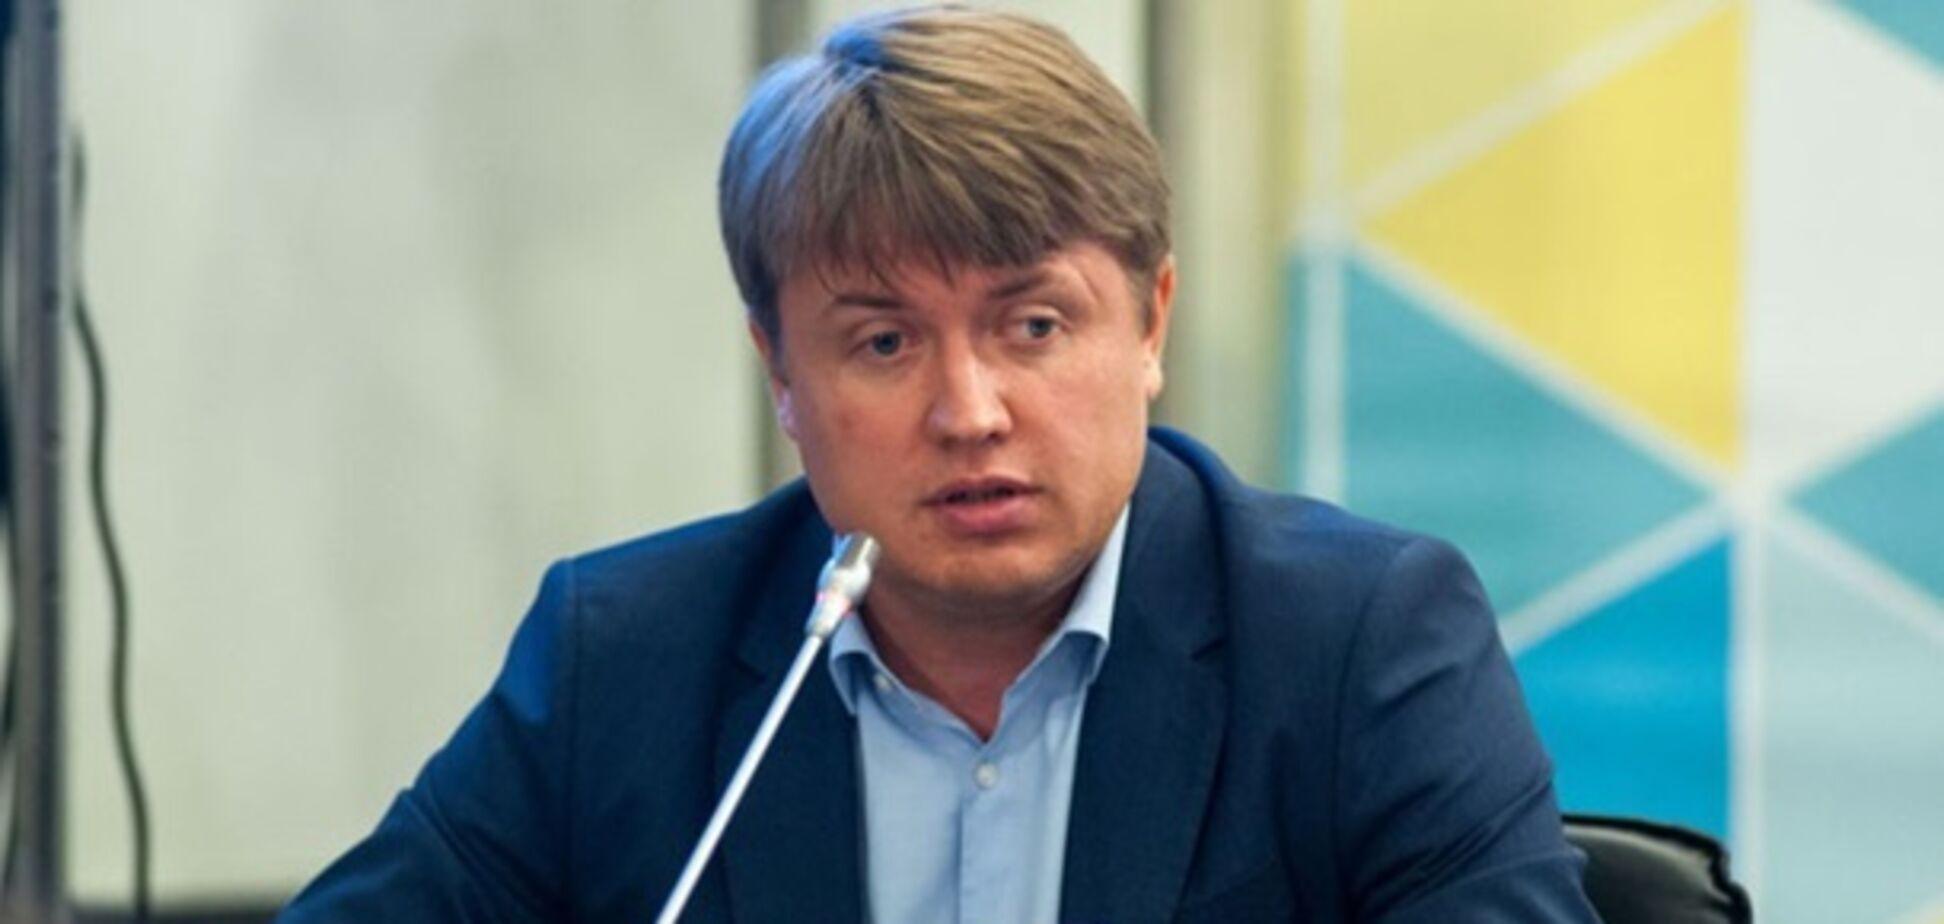 'Президент не може знати все': Герус зізнався, що Зеленський мало розуміє в енергетиці